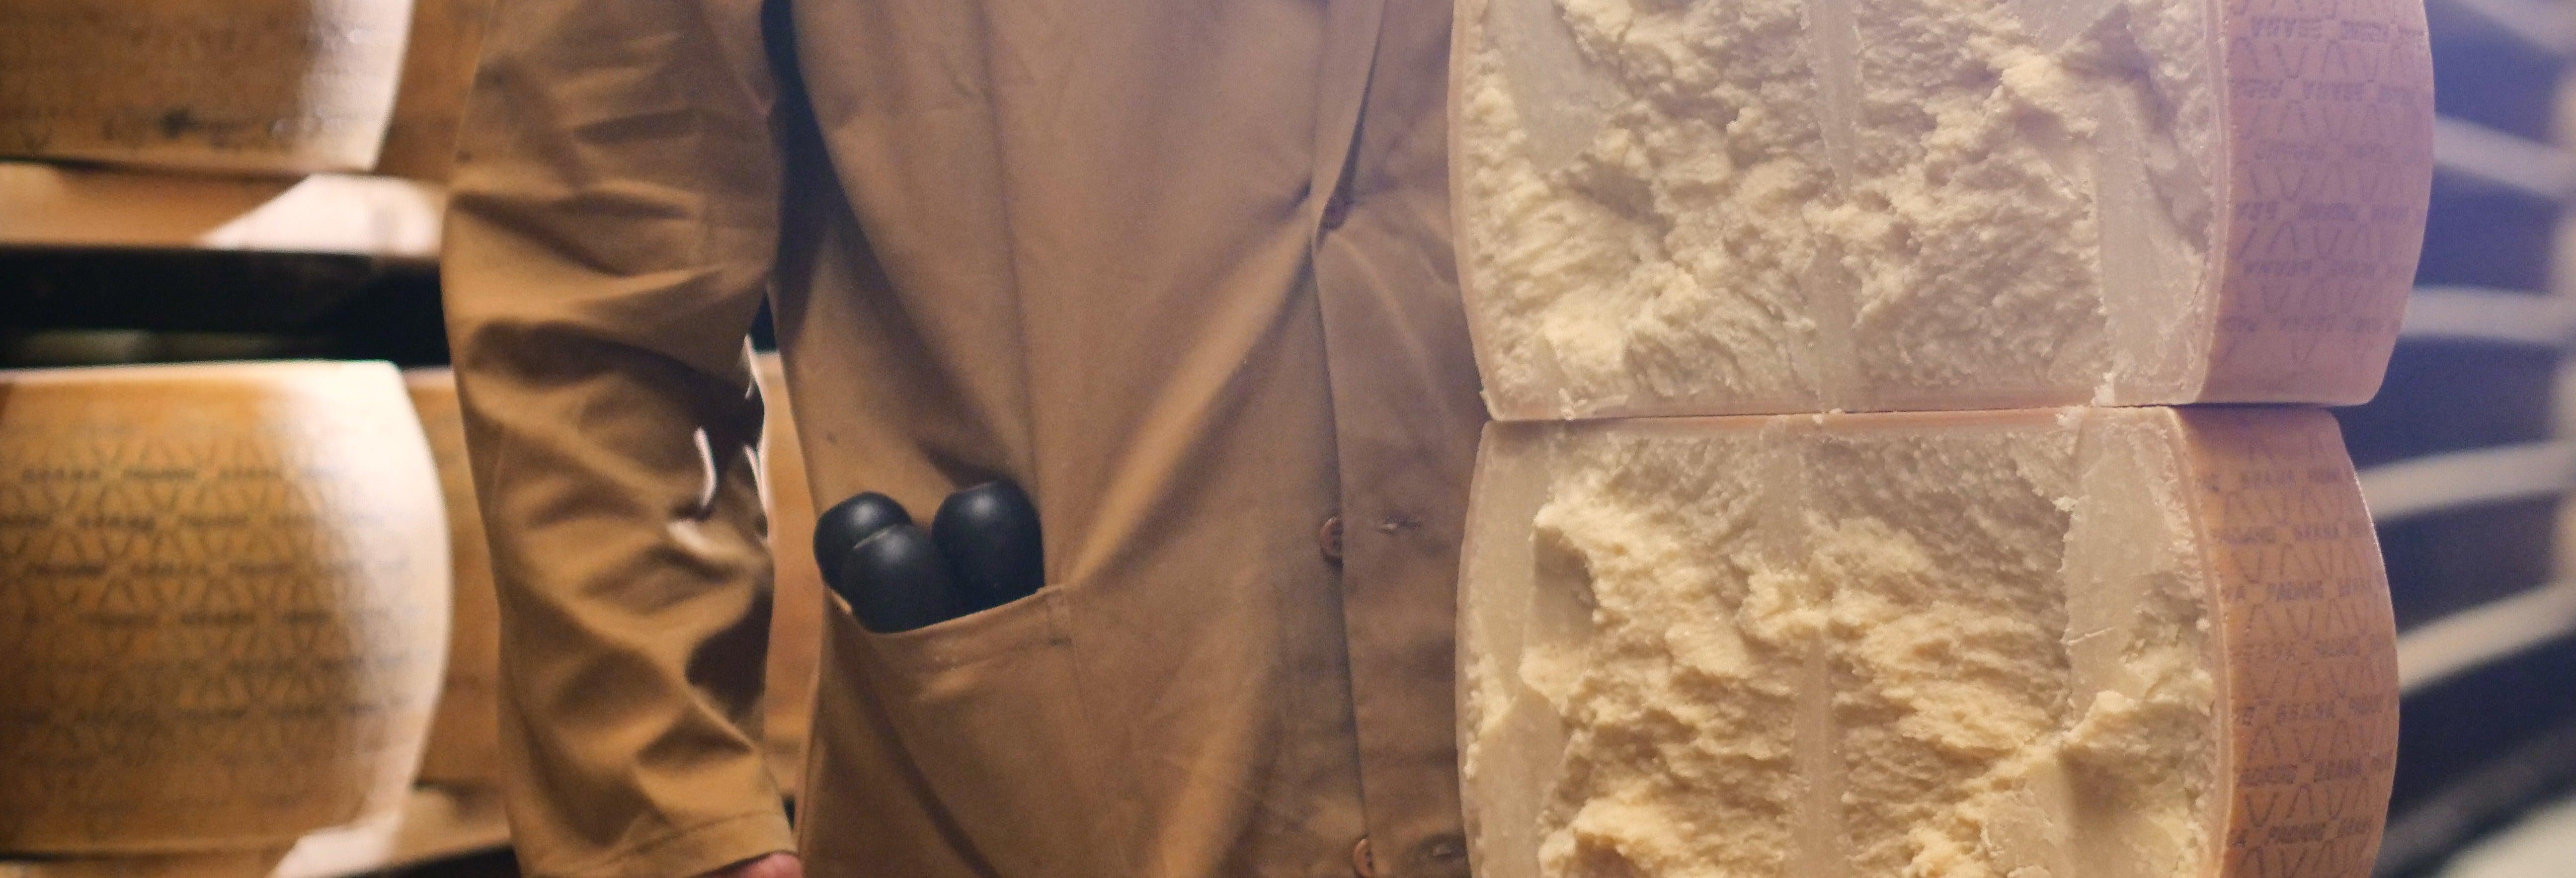 Tour privado a una fábrica de queso parmesano y jamón de Parma